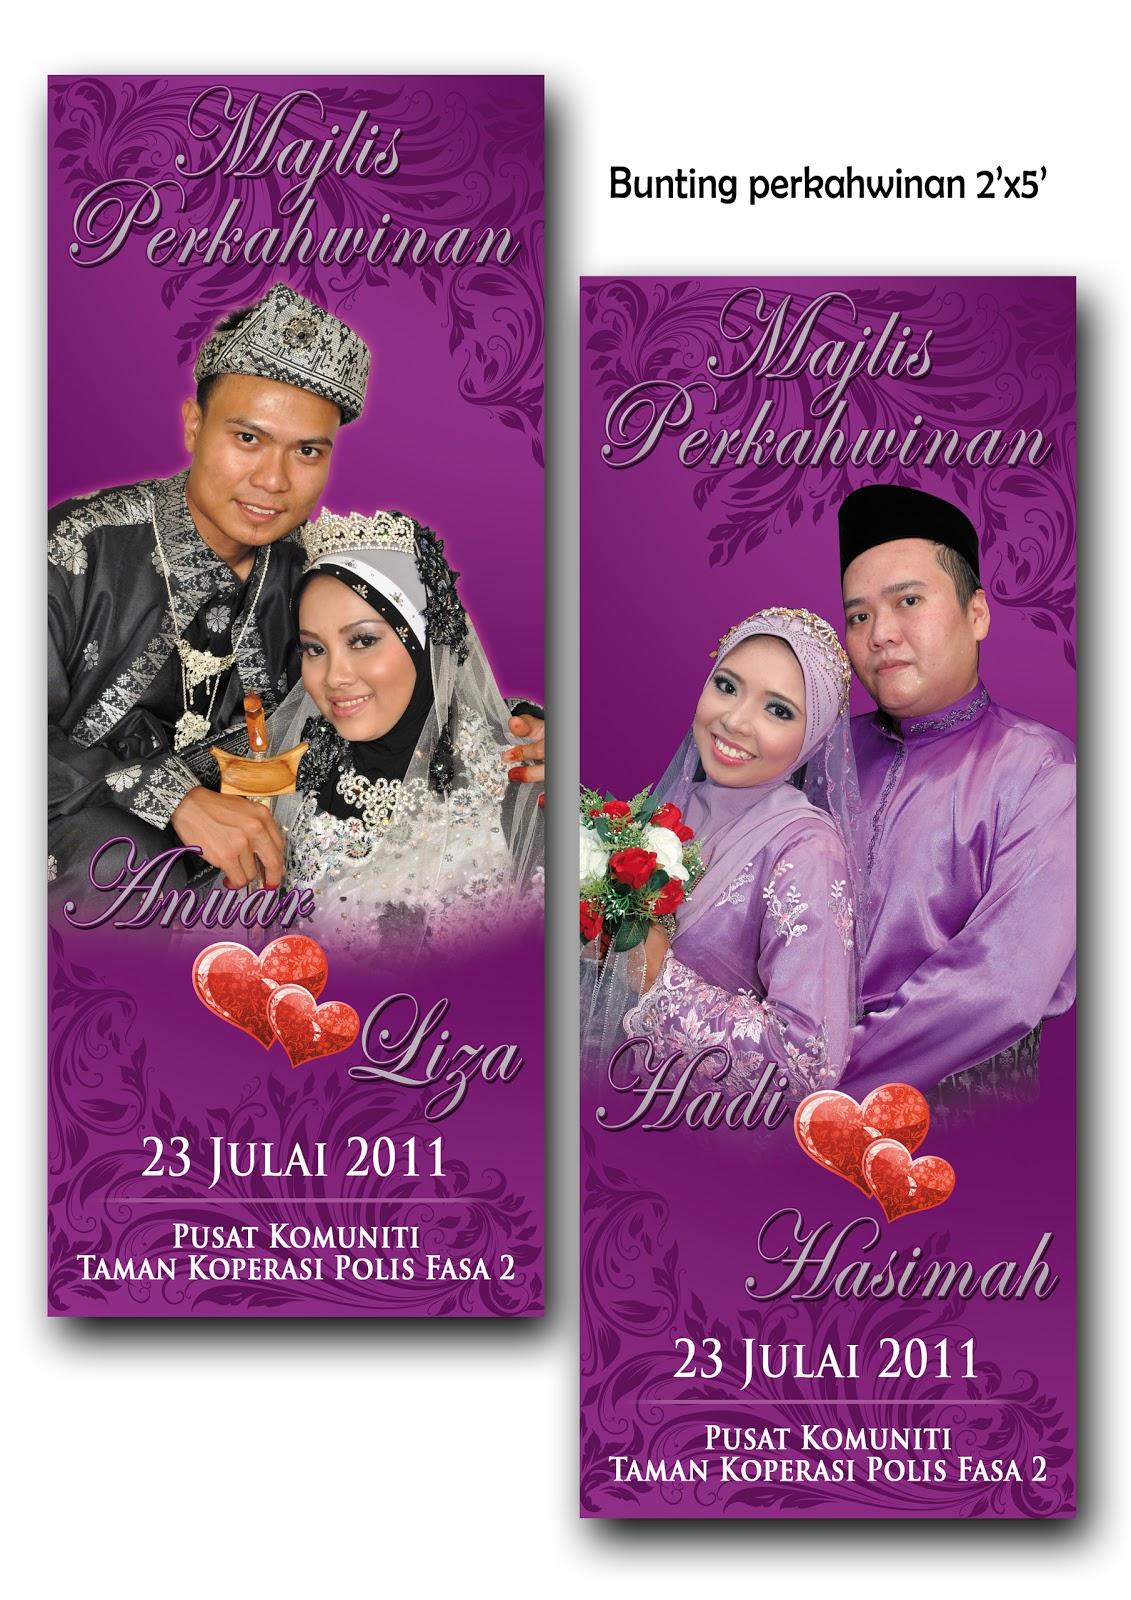 Bunting Perkahwinan